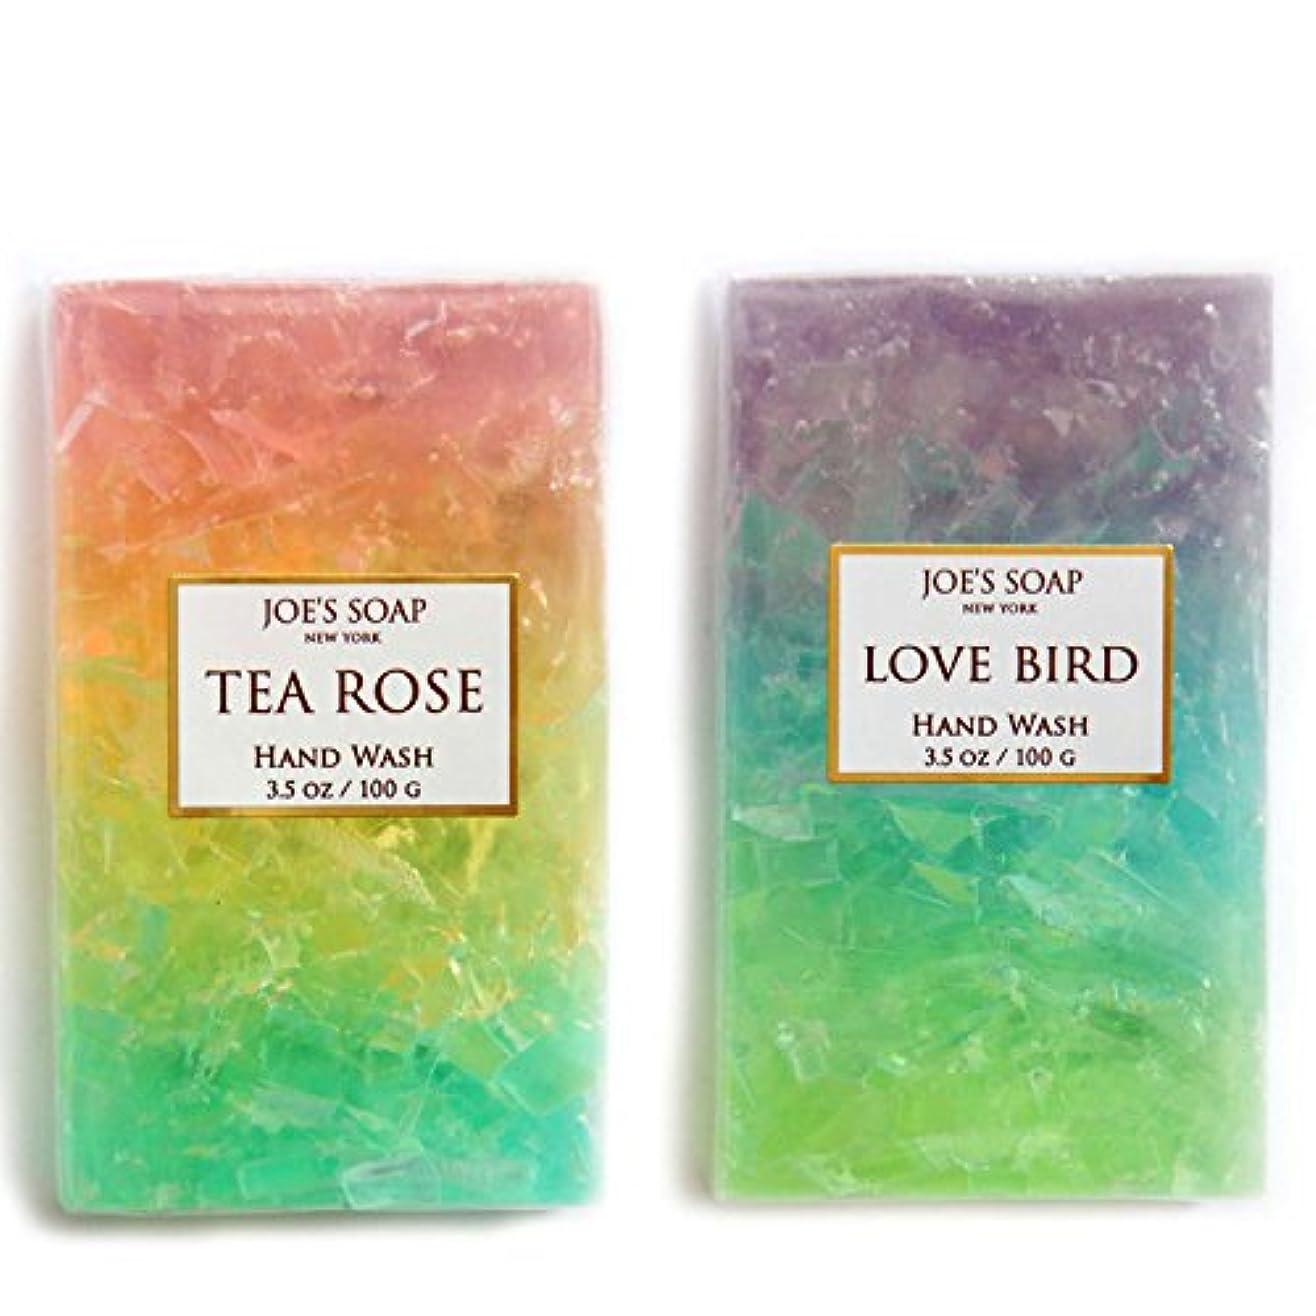 ヨーロッパ整理する分解するJOE'S SOAP ジョーズソープ グラスソープ 石鹸 100g(TEA ROSE、LOVE BIRD、2個セット)